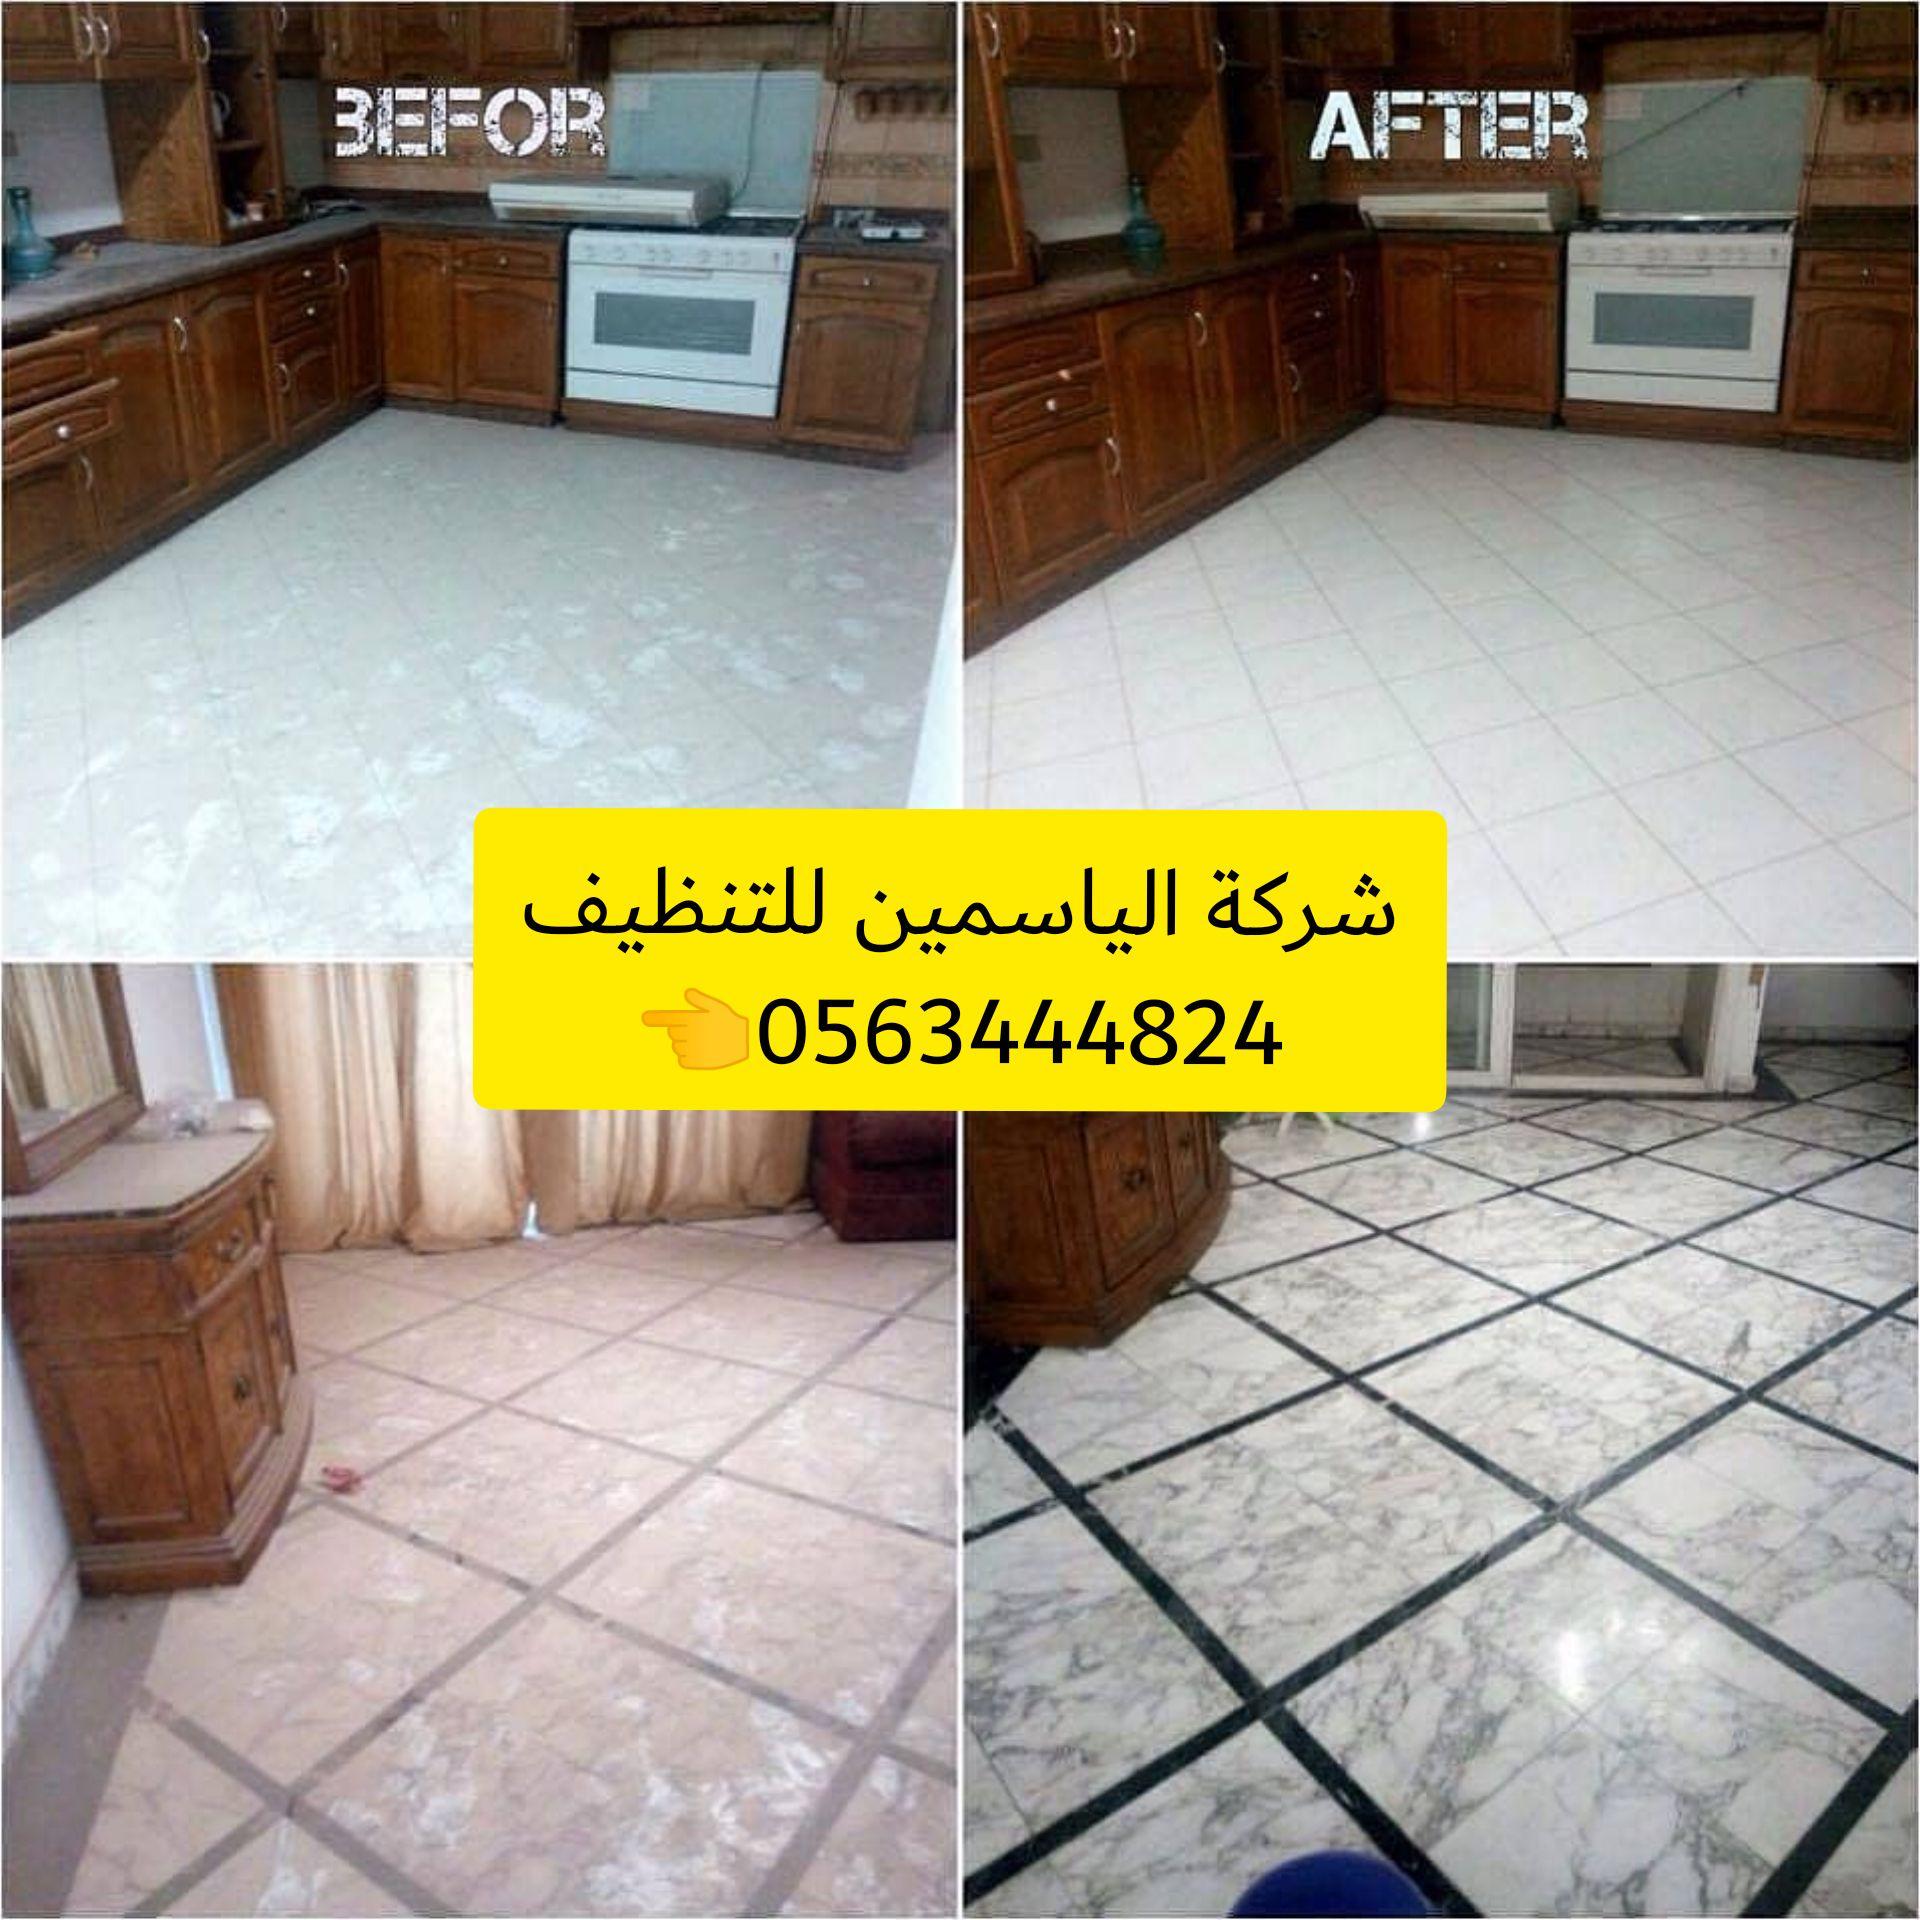 شركة الياسمين للتنظيف ومكافحة الحشرات في دبي الشارقه العين 0563444824 شركة تنظيف شقق فى دبى شركة تنظيف ستائر فى دبى تنظيف مطابخ في الشارقه شركة ازالة الدهون في Flooring Tile Floor